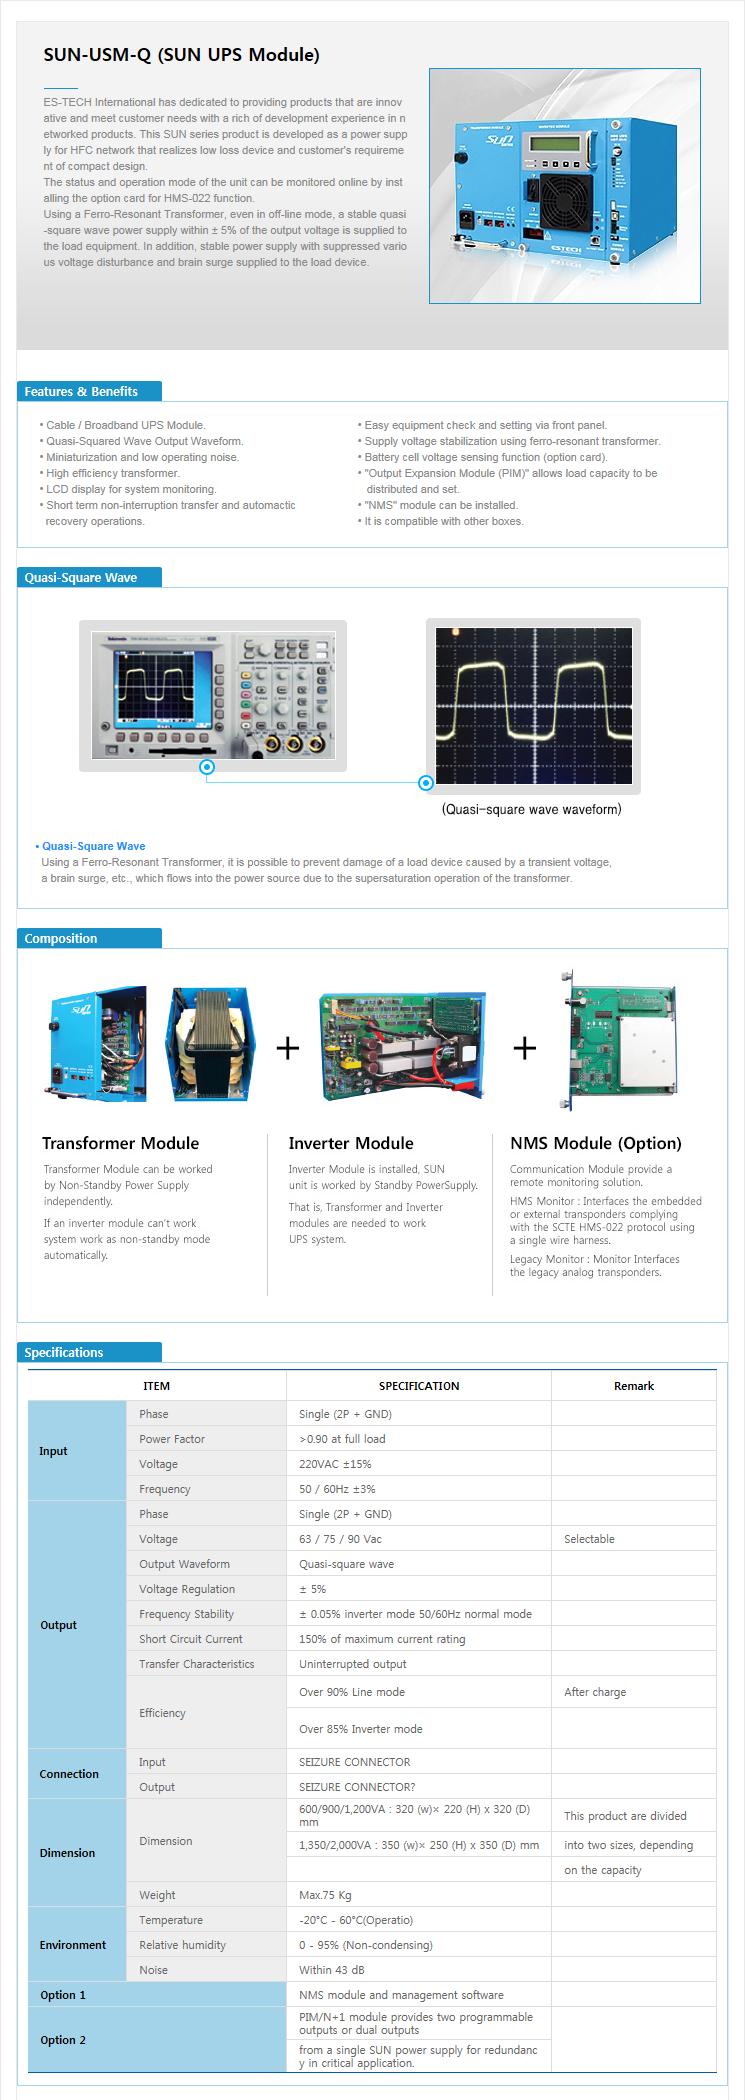 ES-TECH International SUN UPS Module